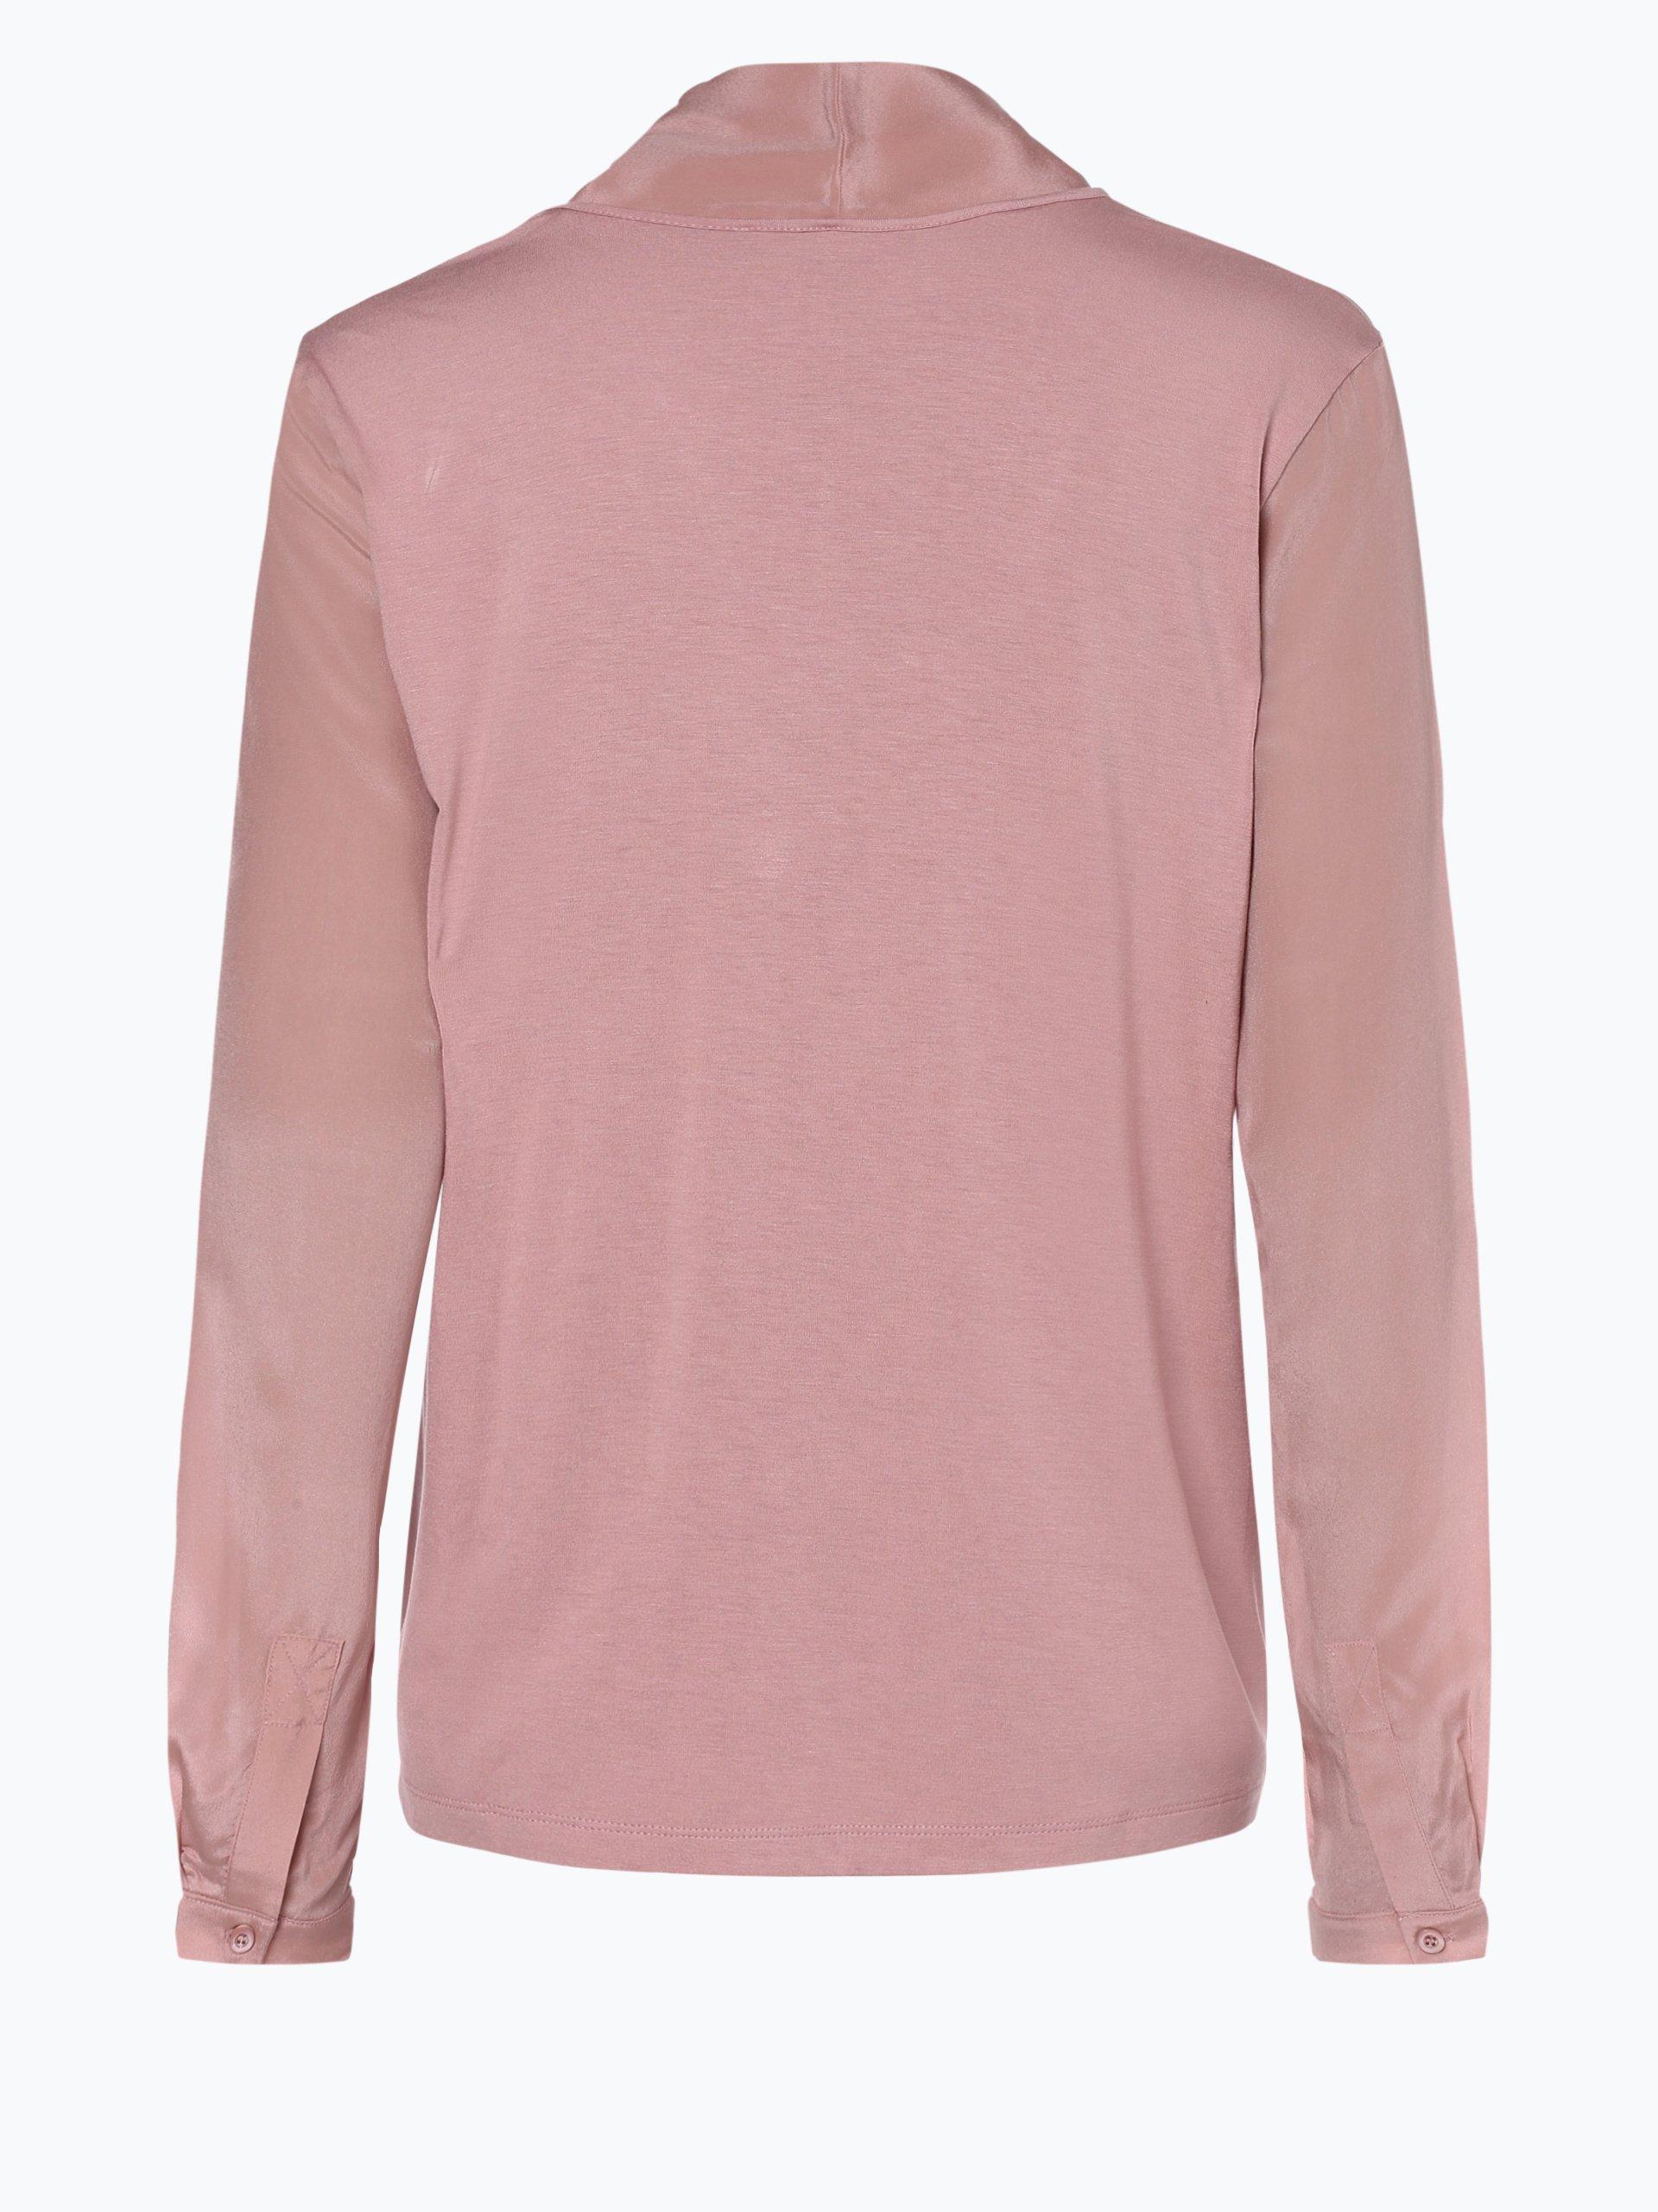 Weekend MaxMara Damen Blusenshirt mit Seiden-Anteil - Aguzzo